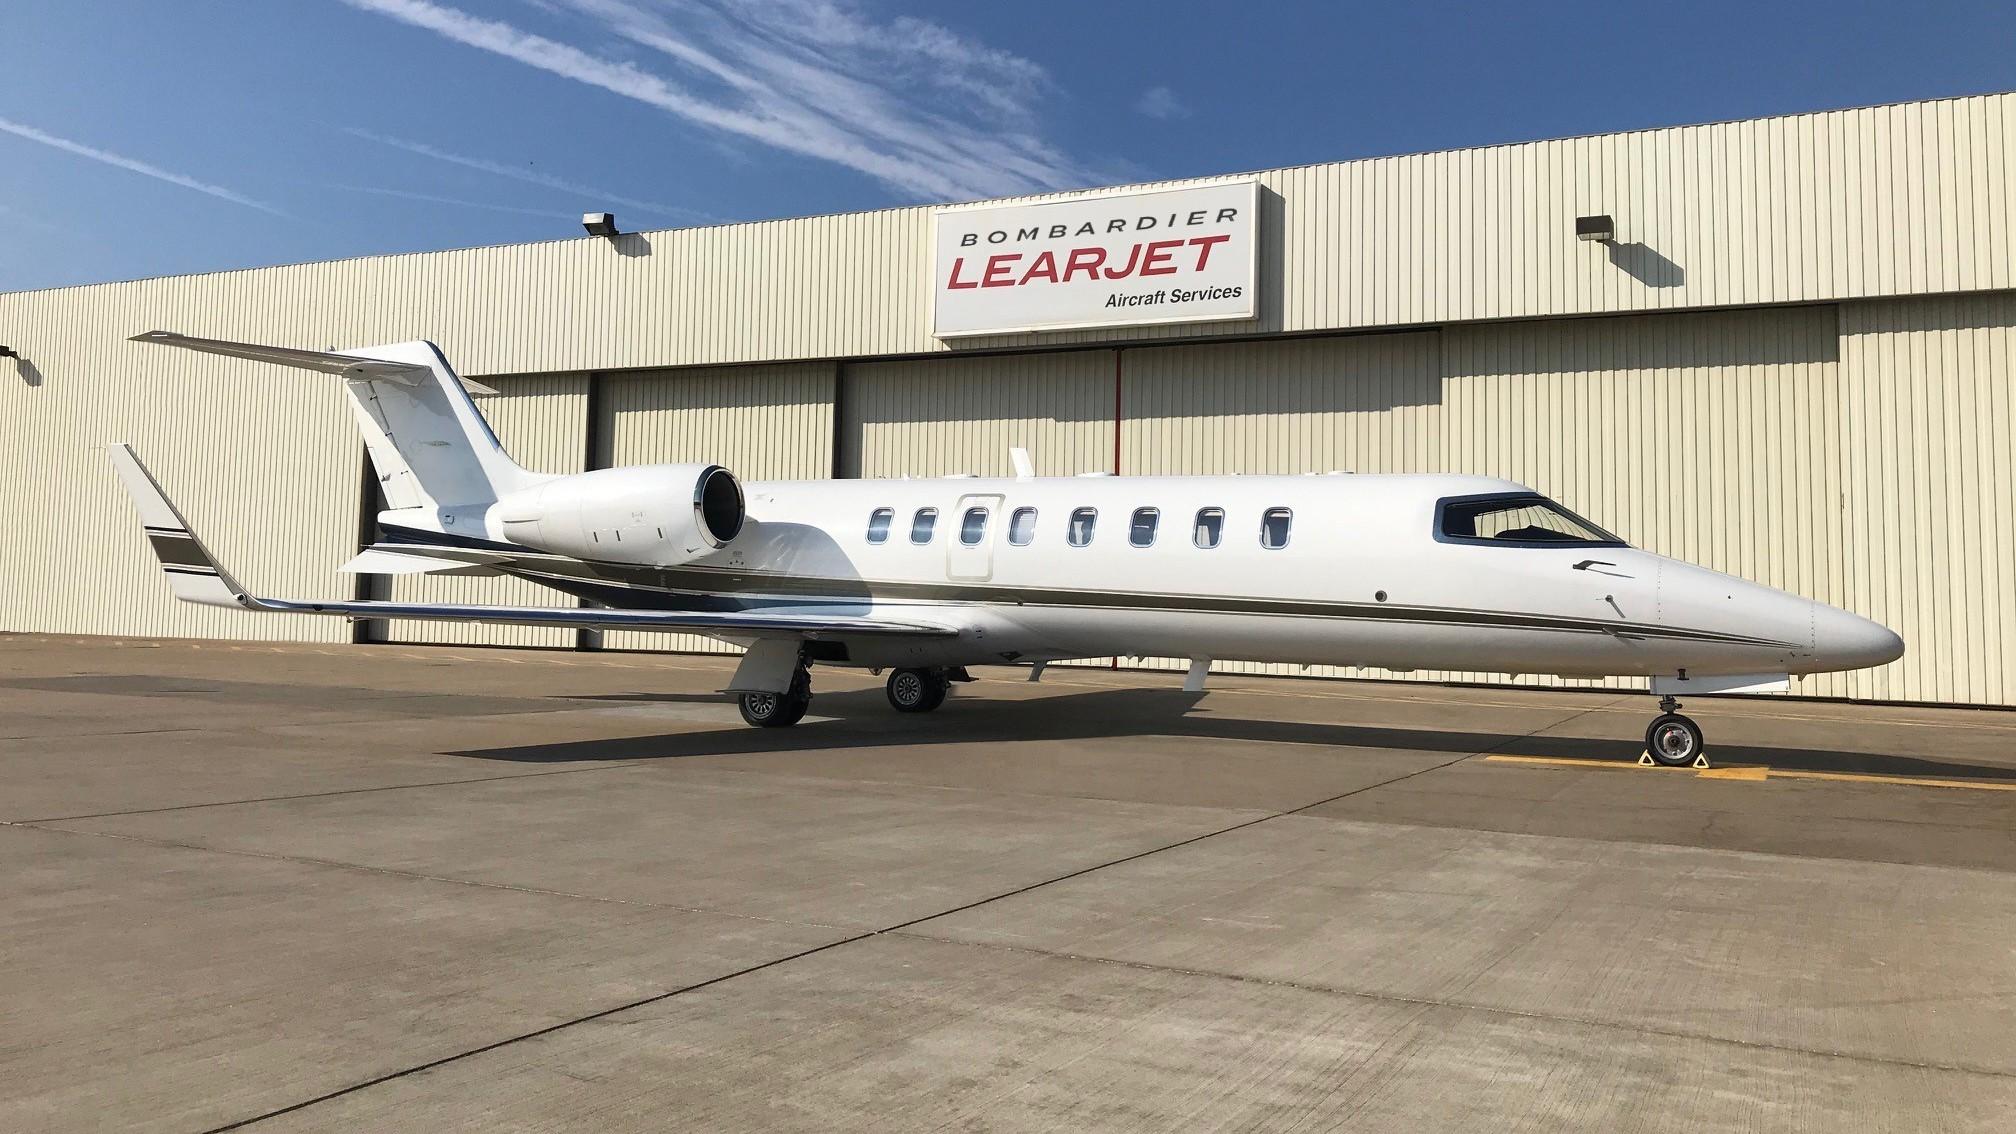 Learjet 45 XR S/N 310